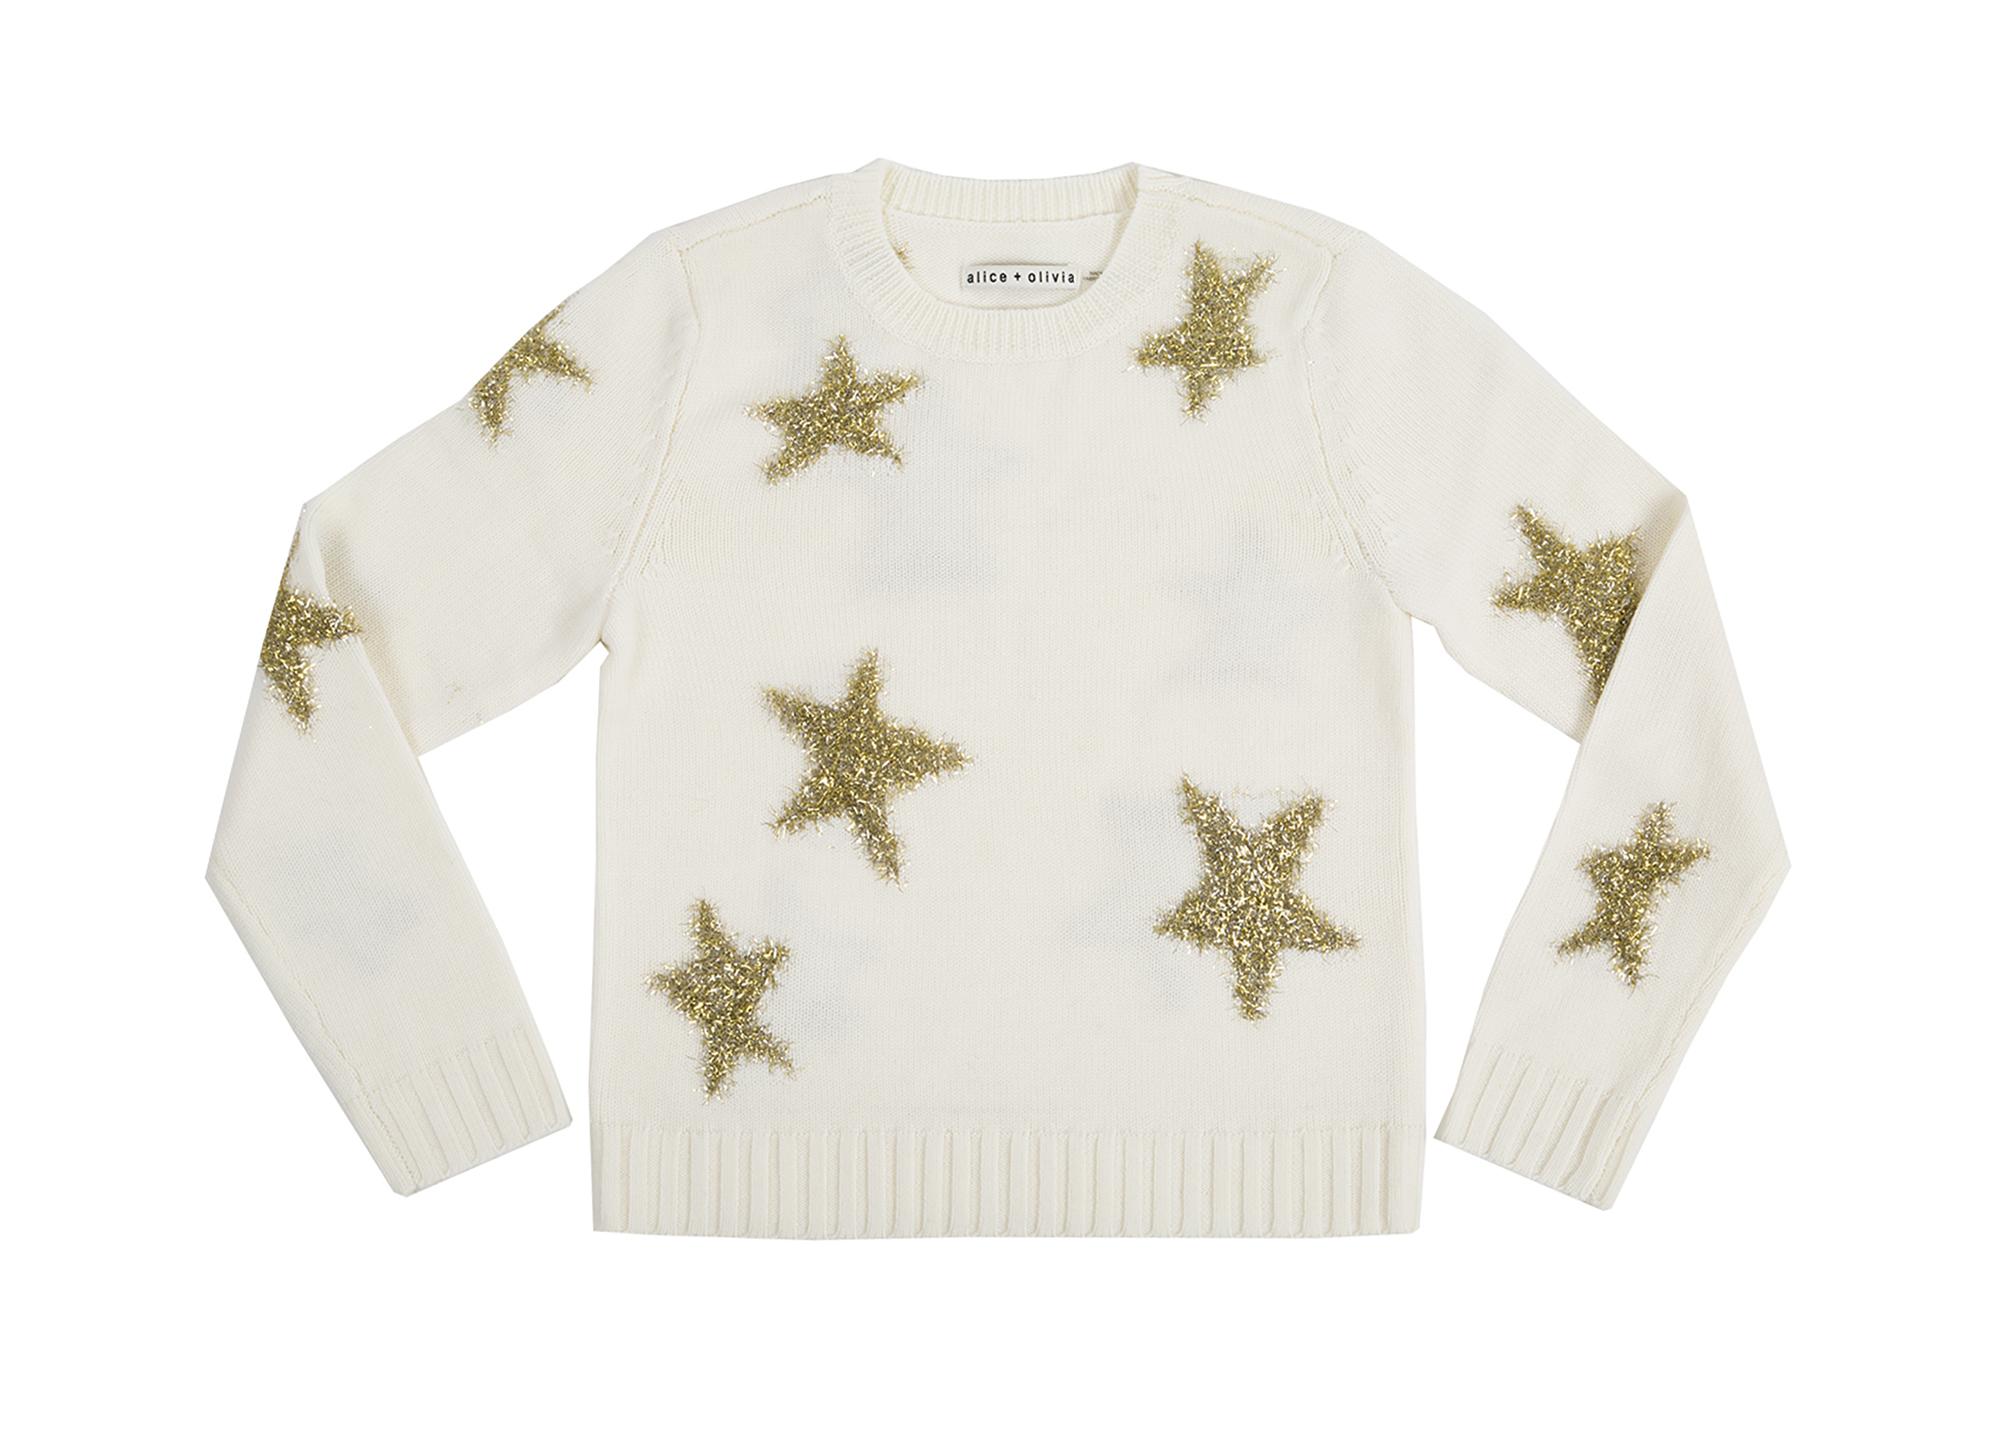 """Alice + Olivia """"Erran Knit"""" sweater,  $255 at Gwynn's of Mount Pleasant"""